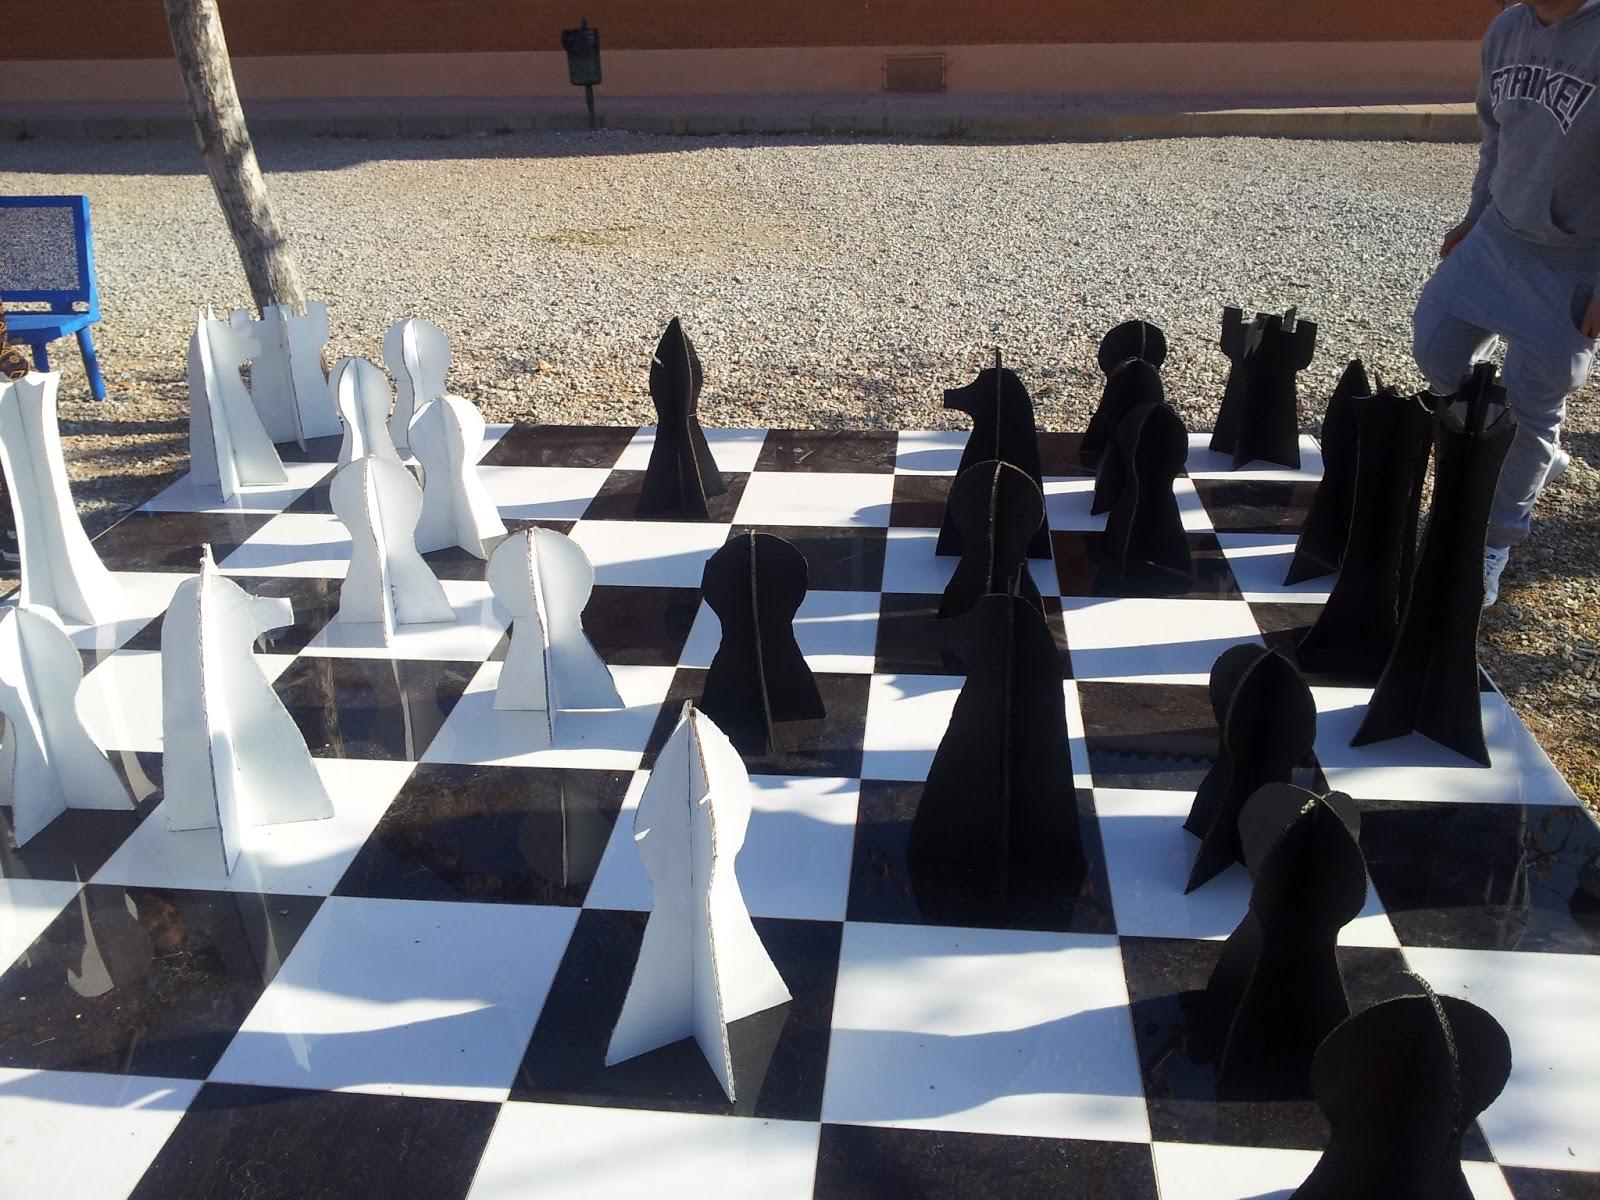 Ajedrez santa mar a ajedrez gigante for Ajedrez gigante para jardin